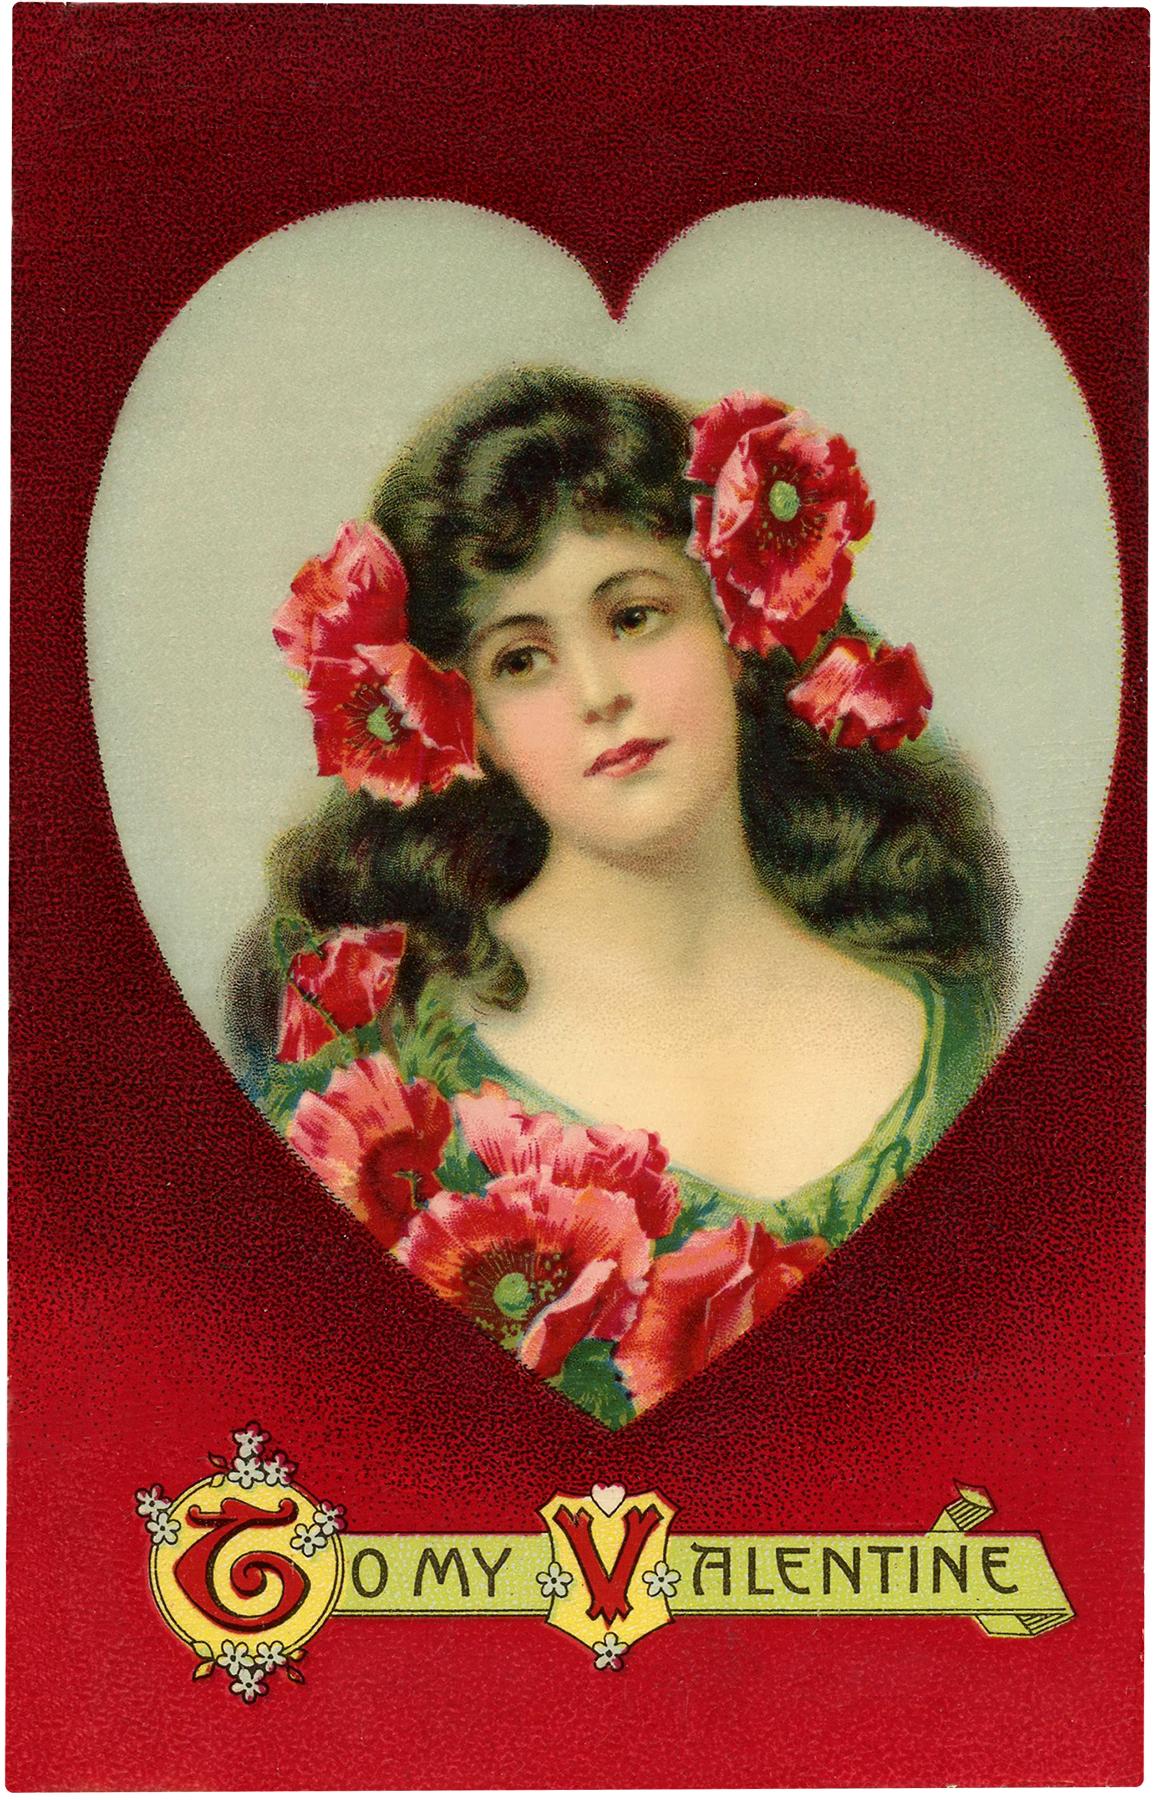 Vintage Valentine Beauty